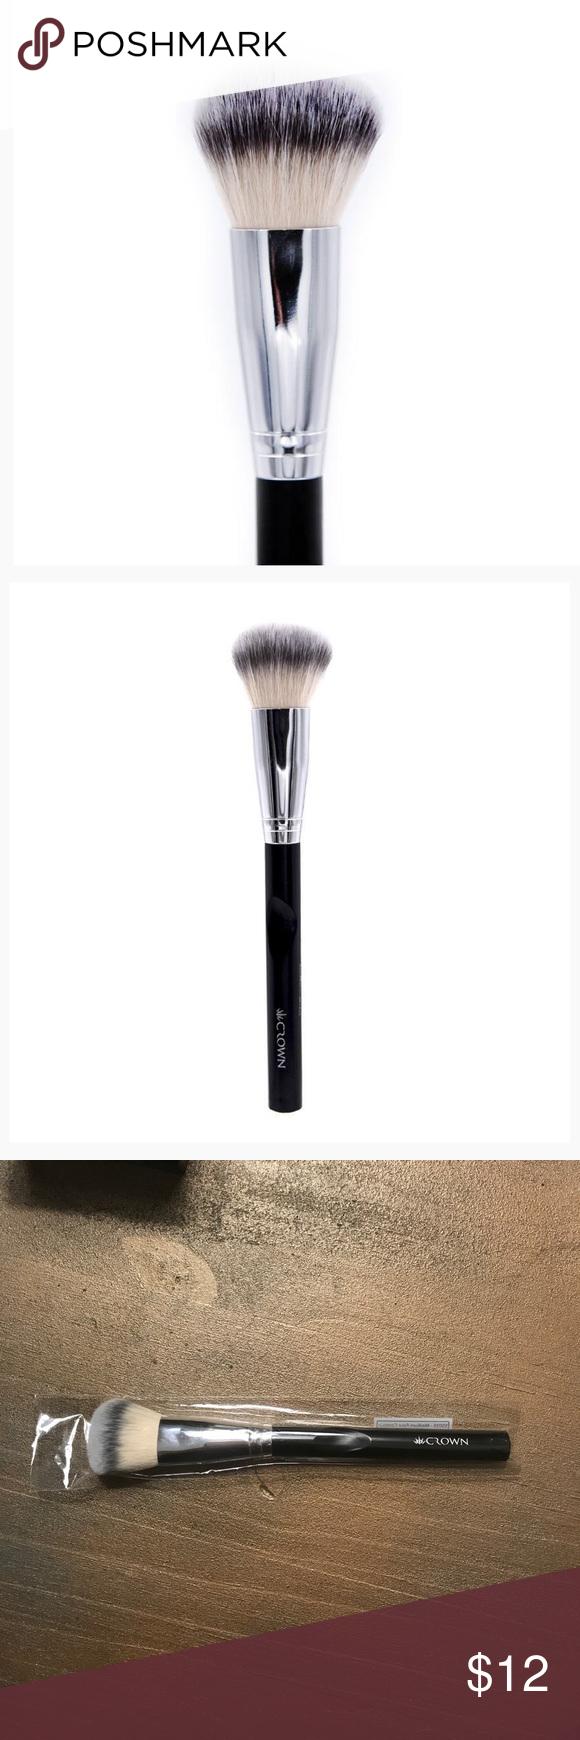 Medium face contour brush The Medium Face Contour Brush's